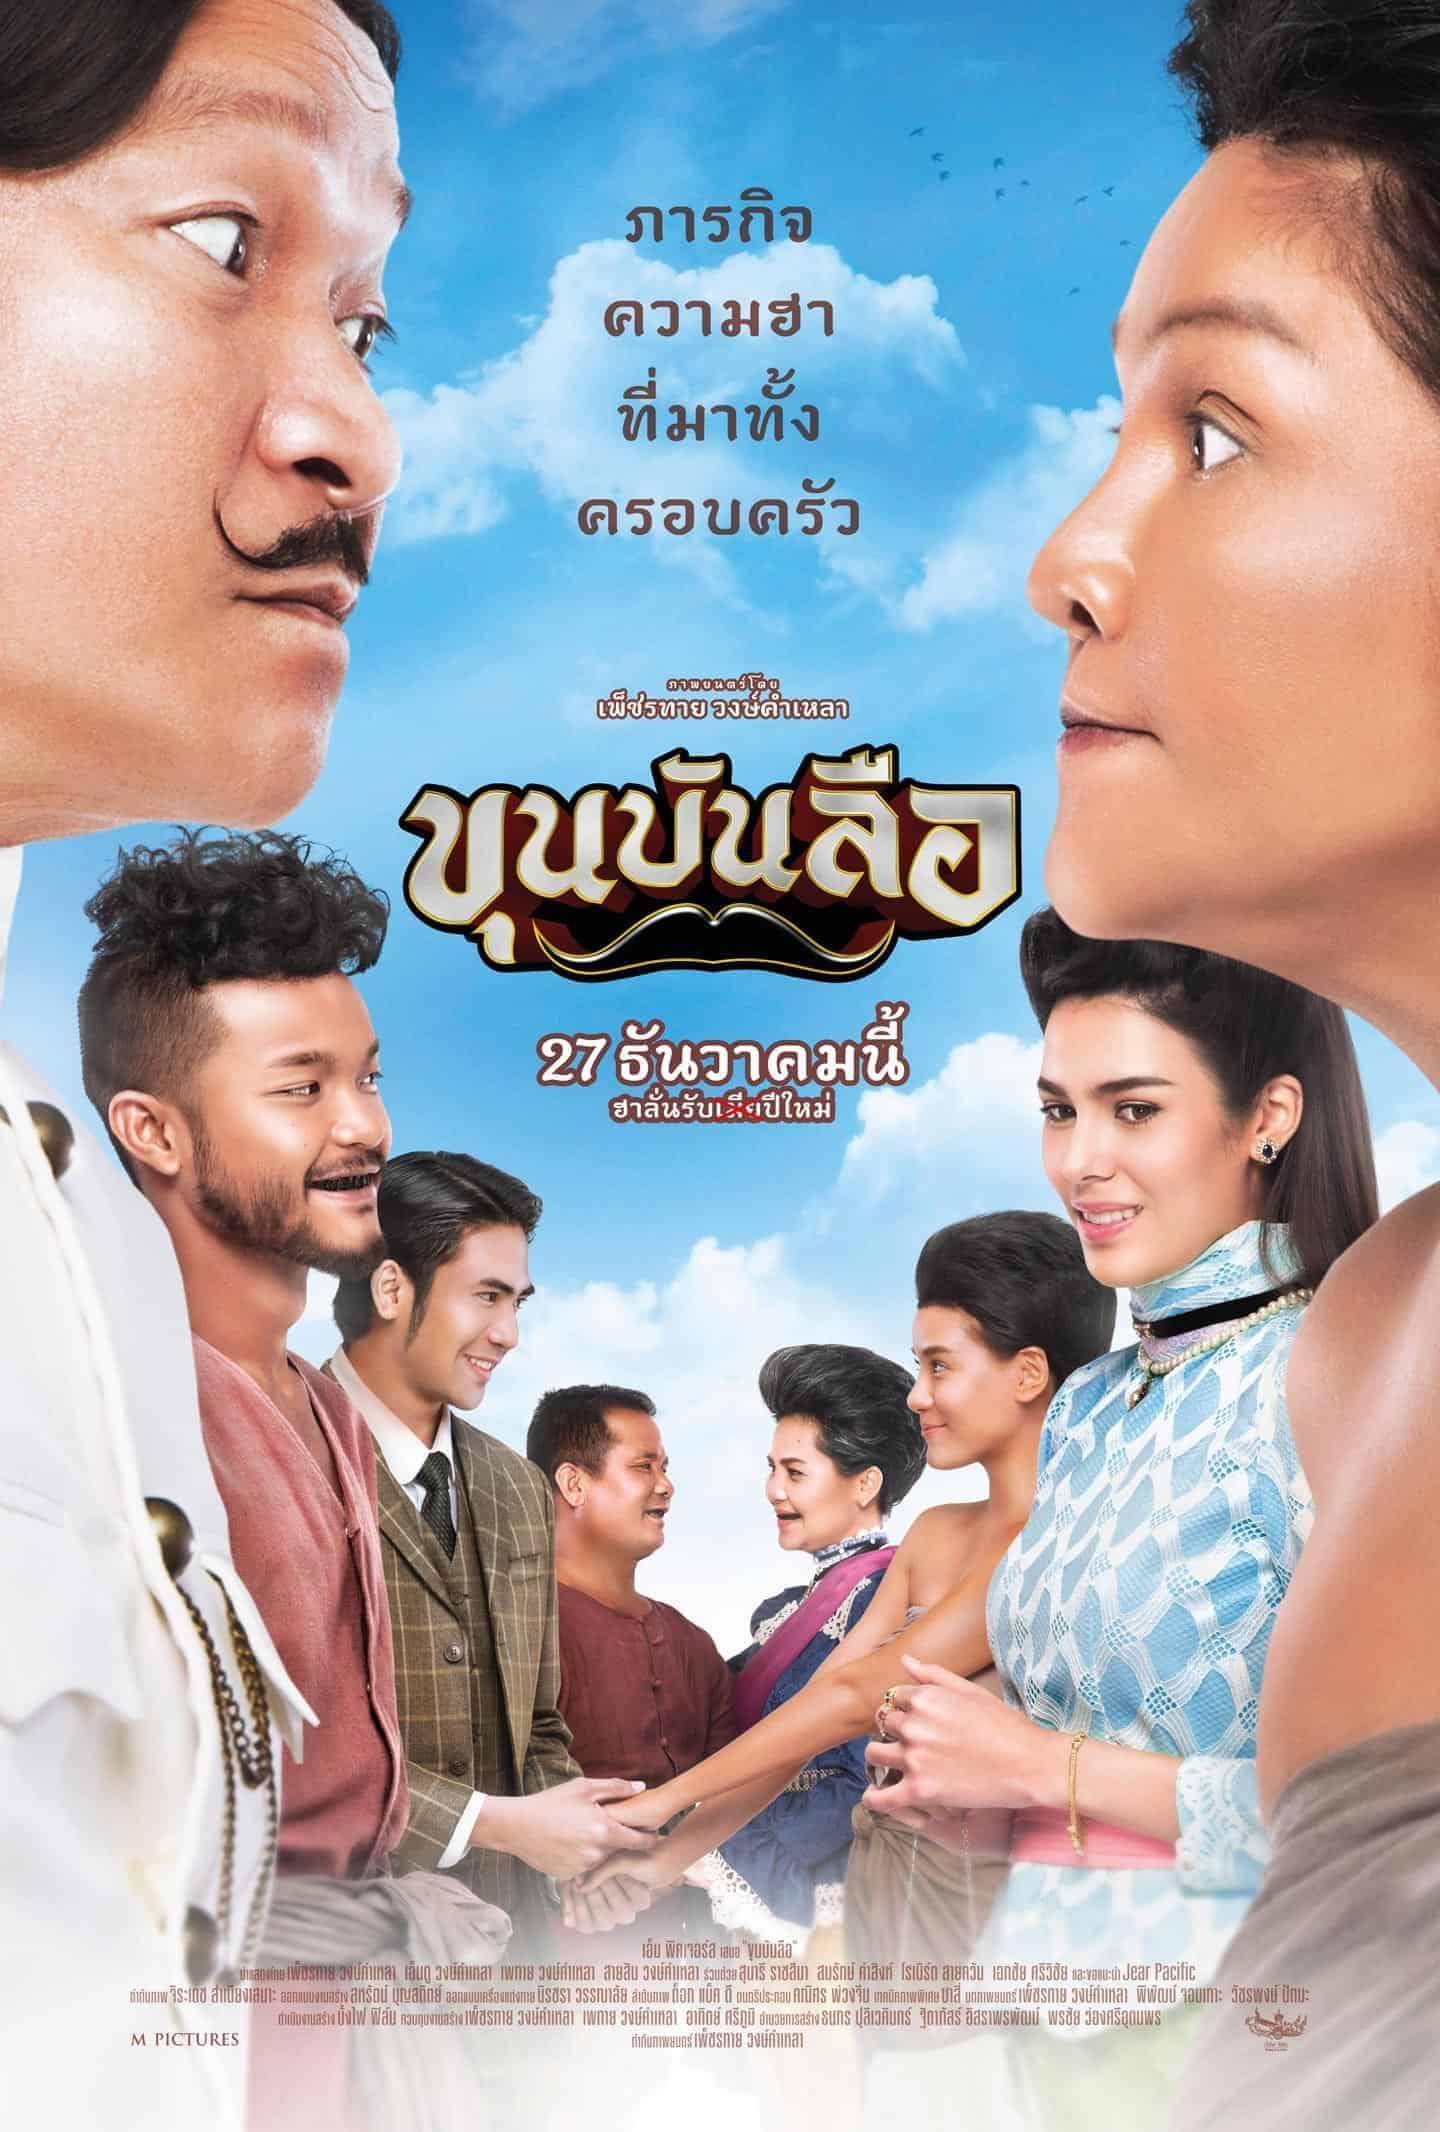 ขุนบันลือ (2018) Khun Bunlue